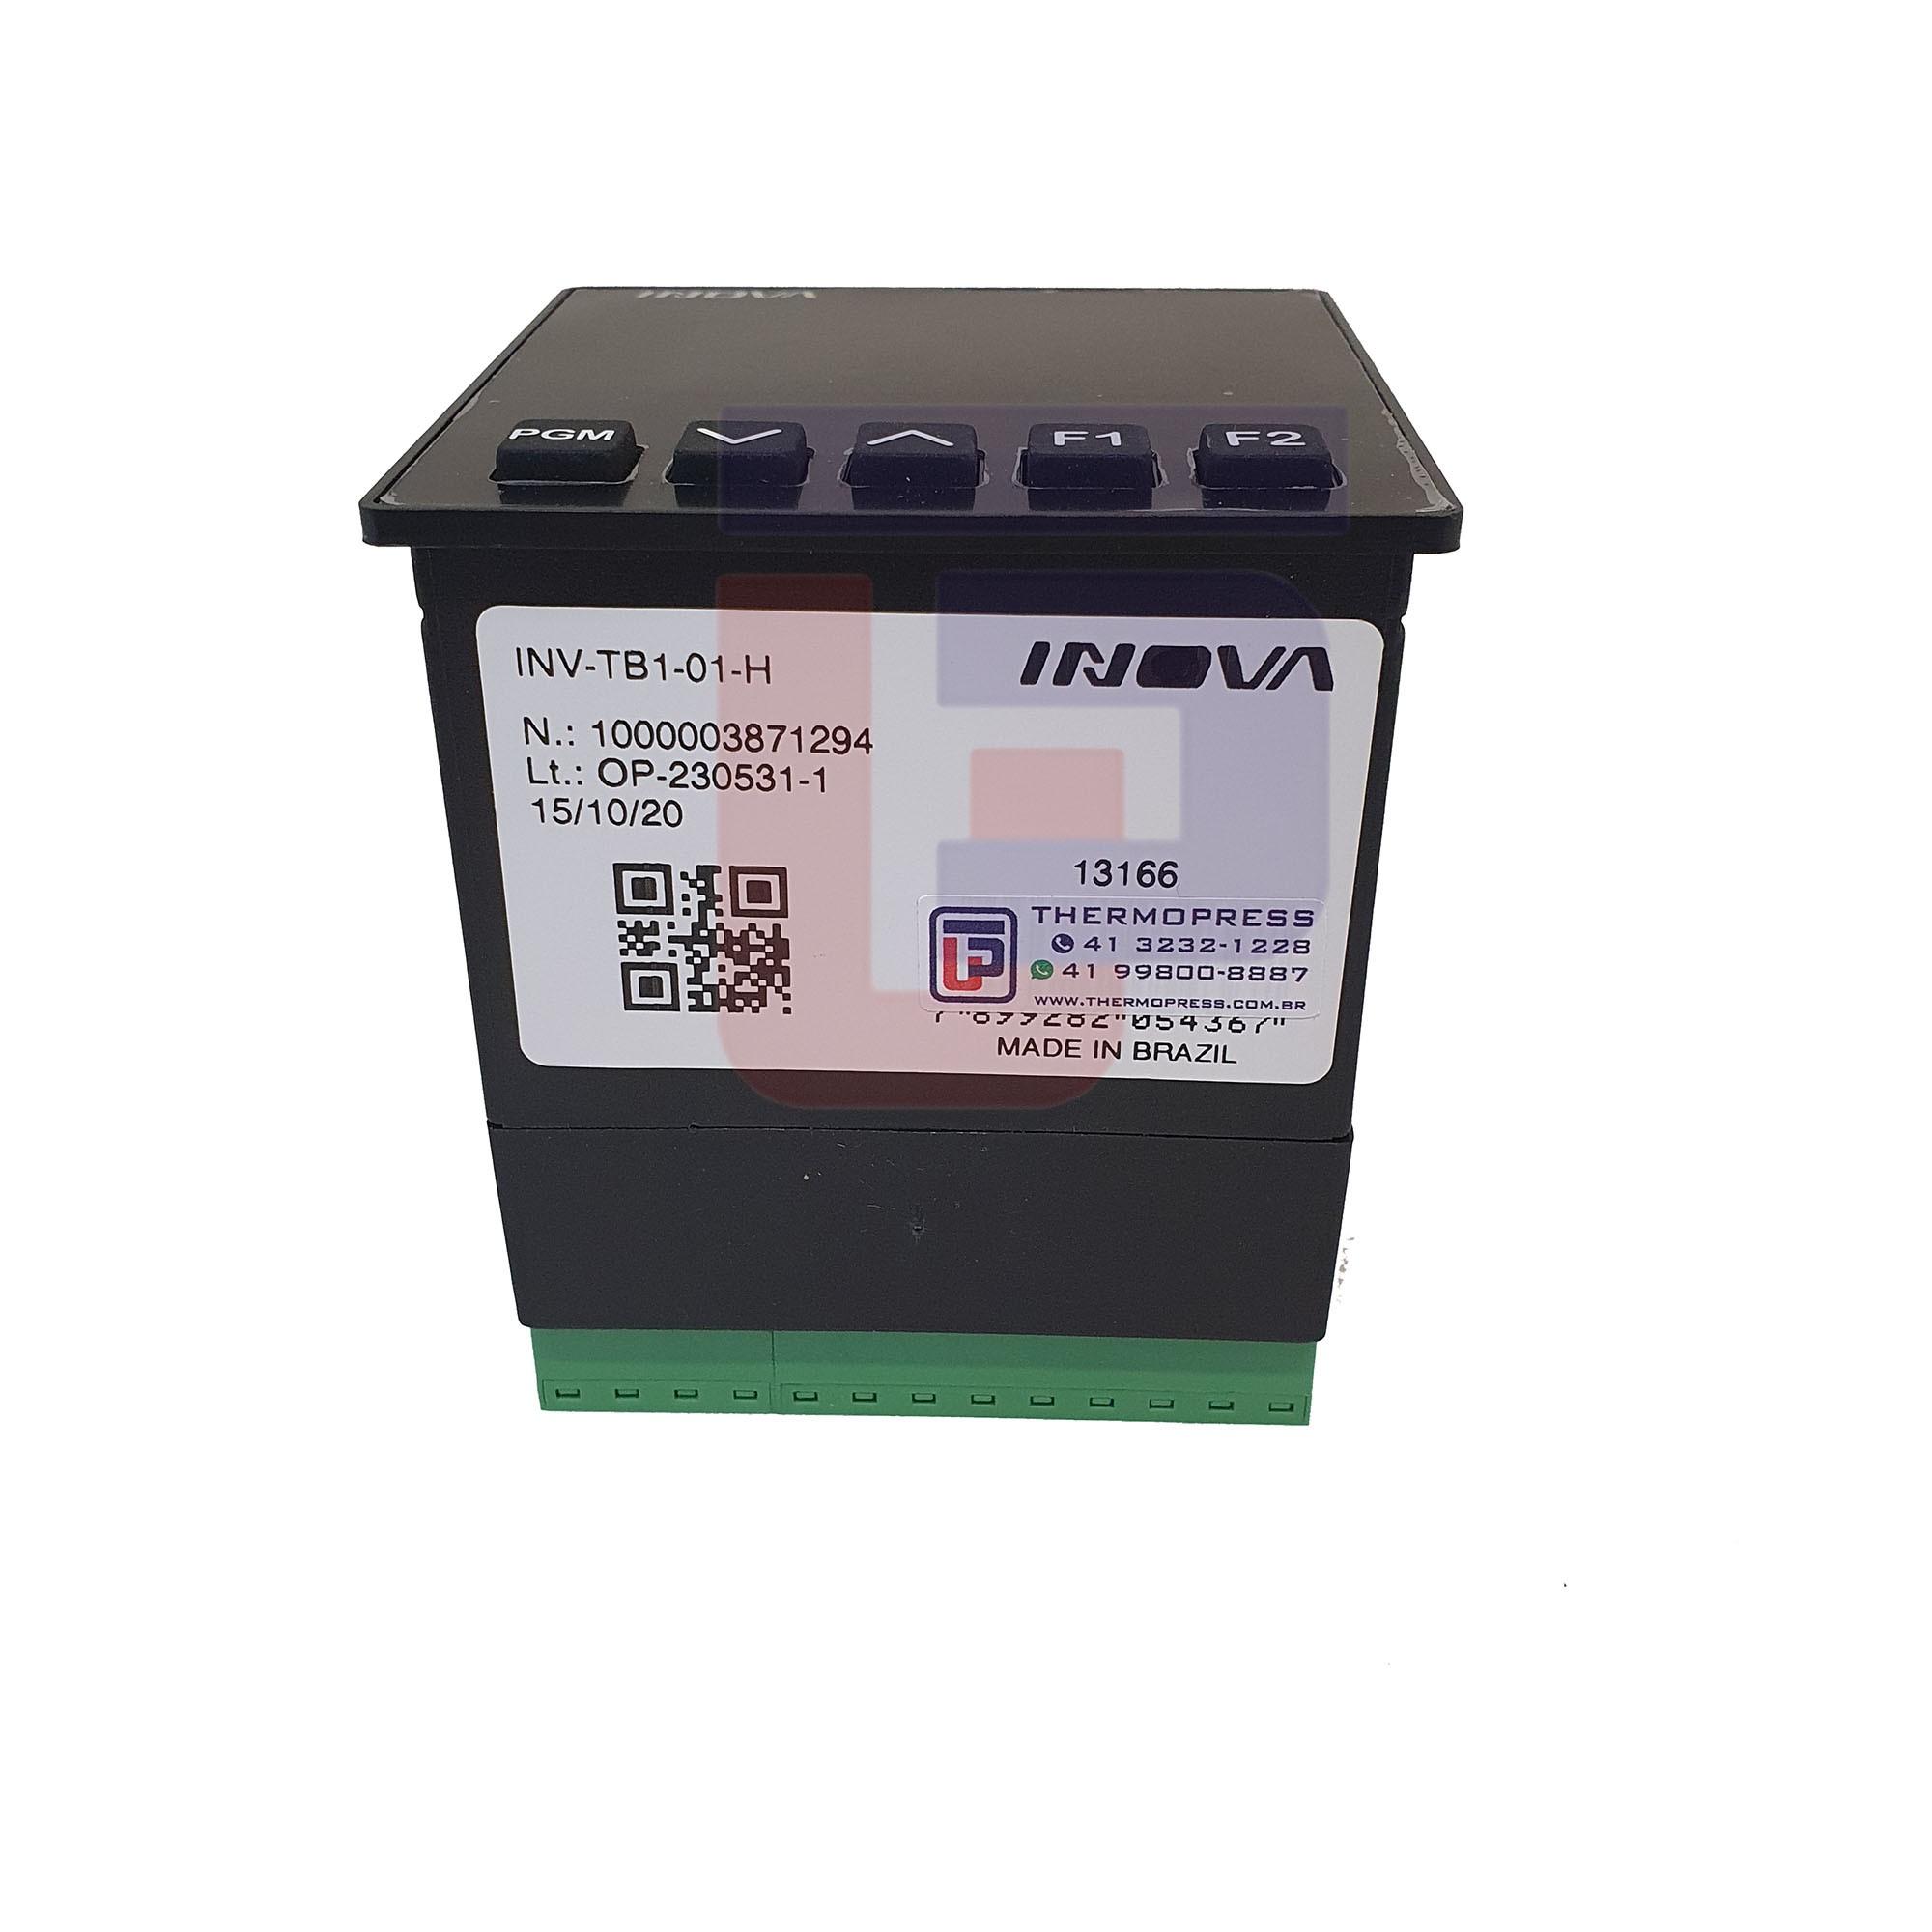 Acionador Eletrônico / Temporizador INV-TB TB1-01-H  85-250V / INV-20401